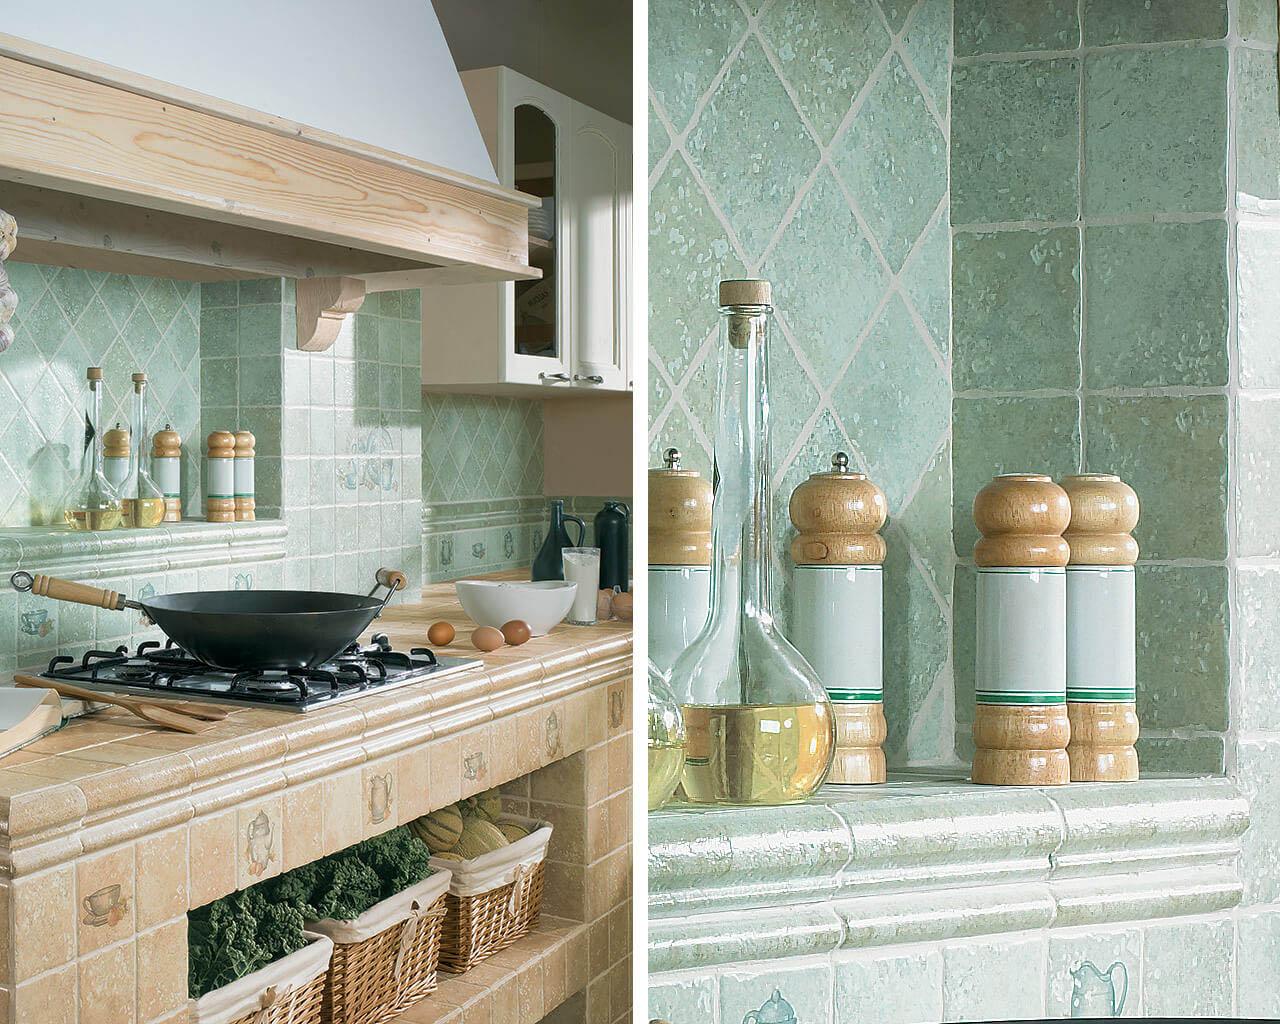 Rustykalne płytki małego formatu w funkcji obudowy szafek kuchennych